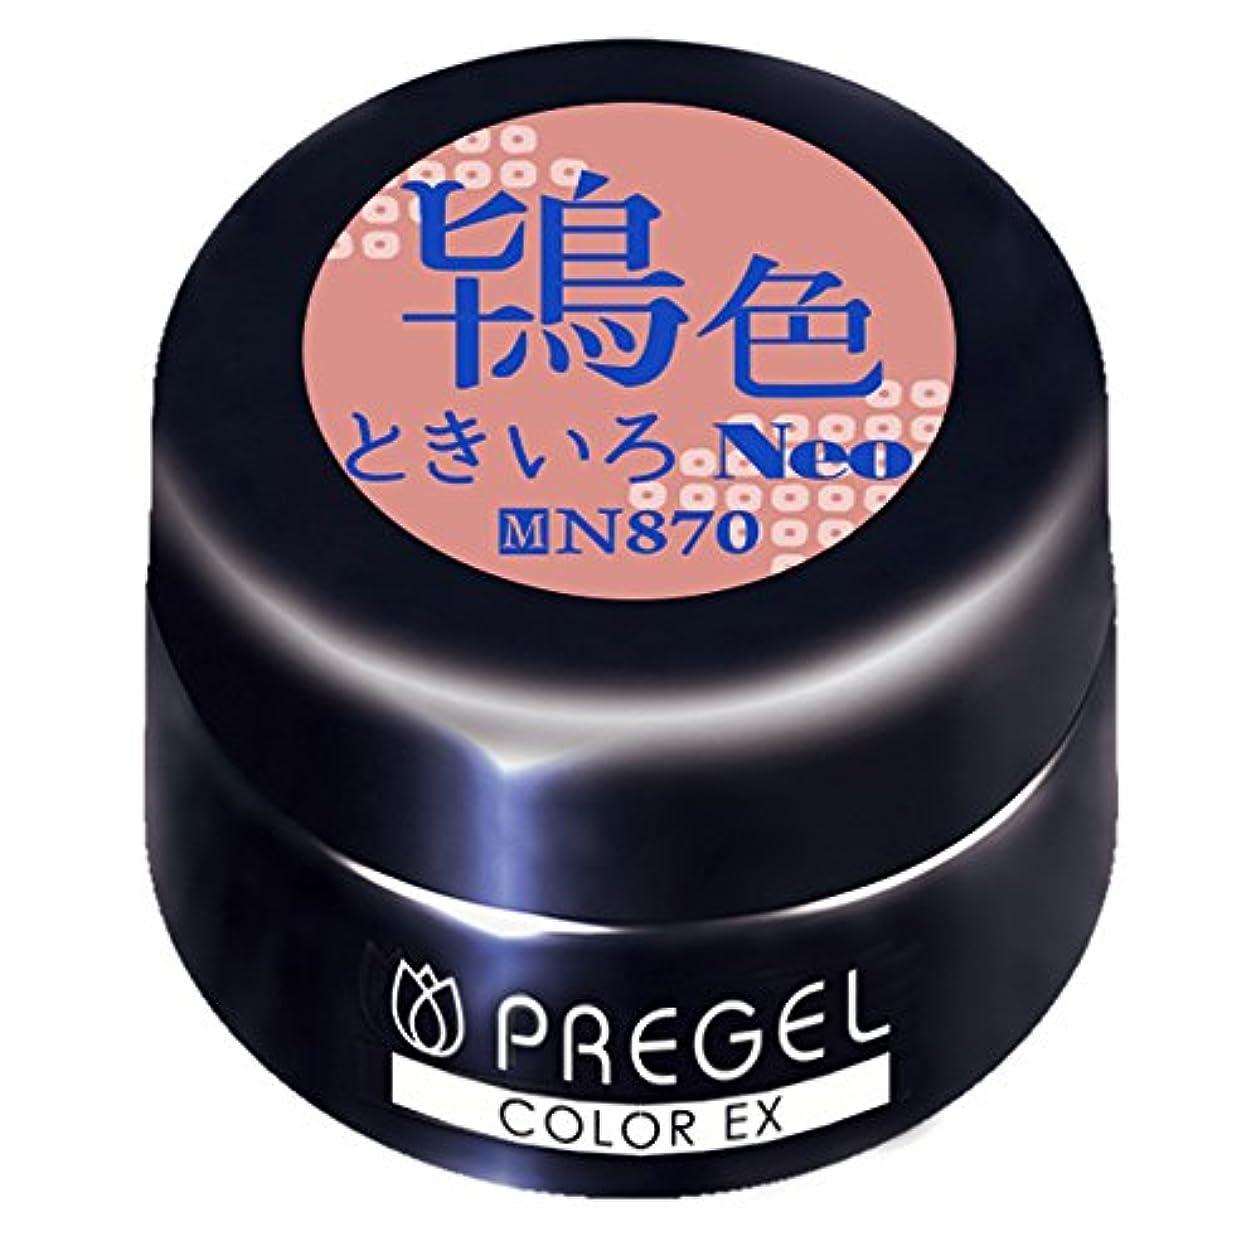 口述する服を片付けるひもPRE GELカラーEX 鴇色(ときいろ)neo 3g PG-CEN870